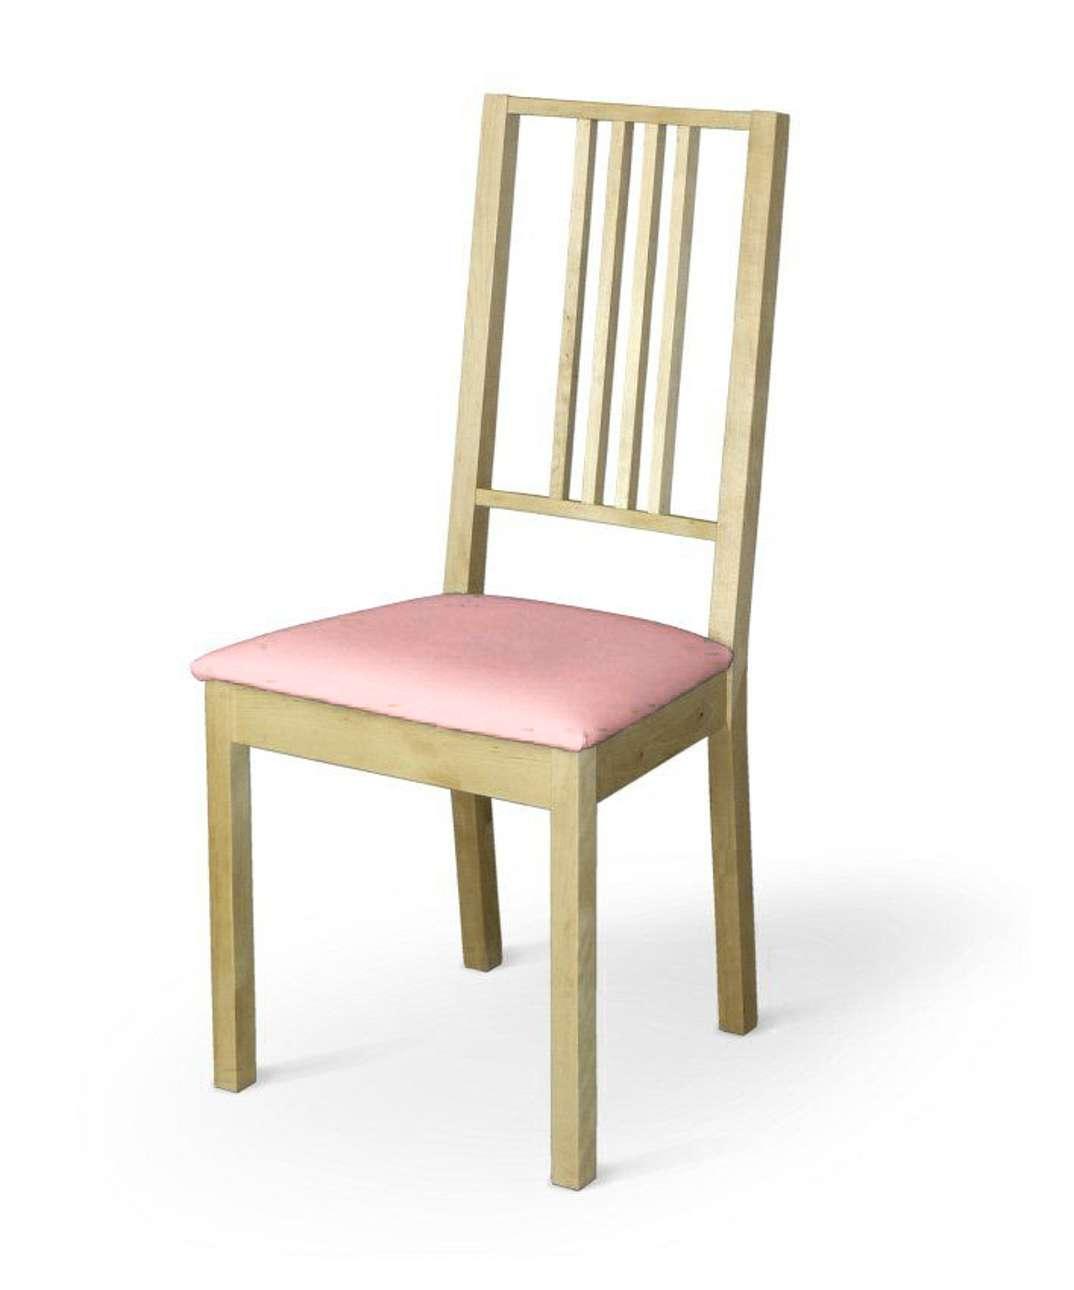 Pokrowiec na siedzisko Börje w kolekcji Loneta, tkanina: 133-39